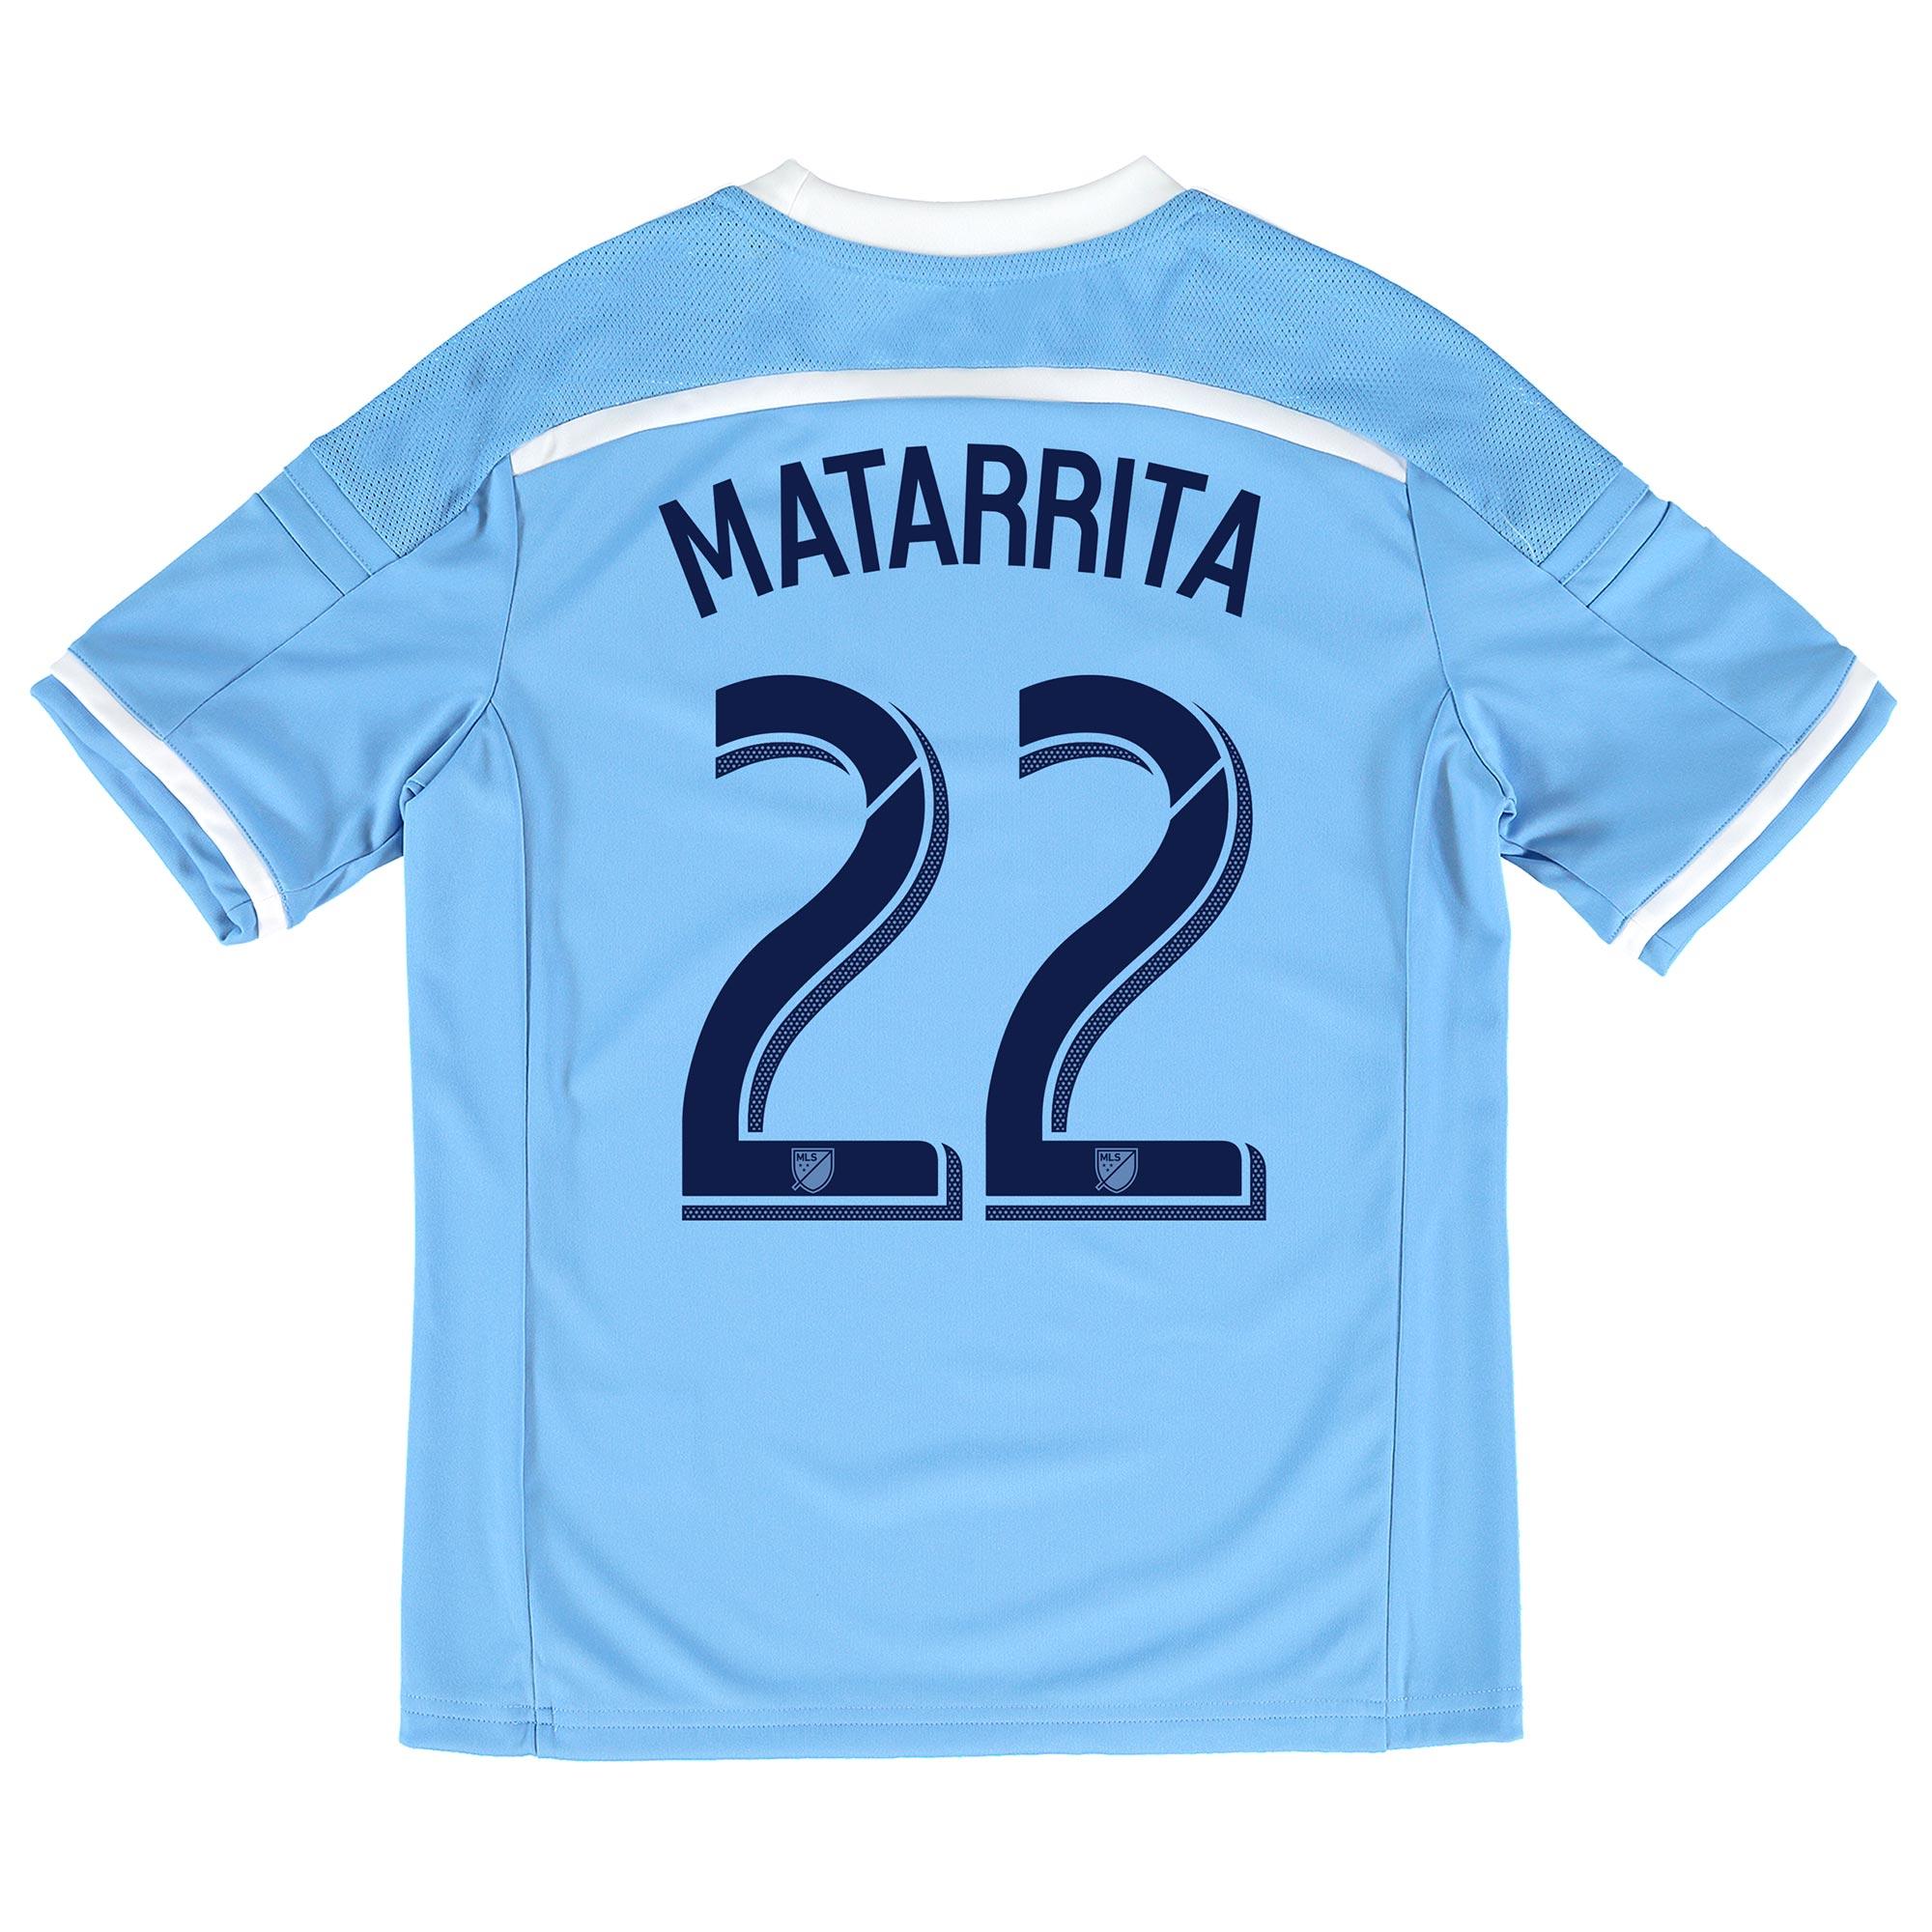 New York City FC Home Shirt 2015-16 - Kids with Matarrita 22 printing